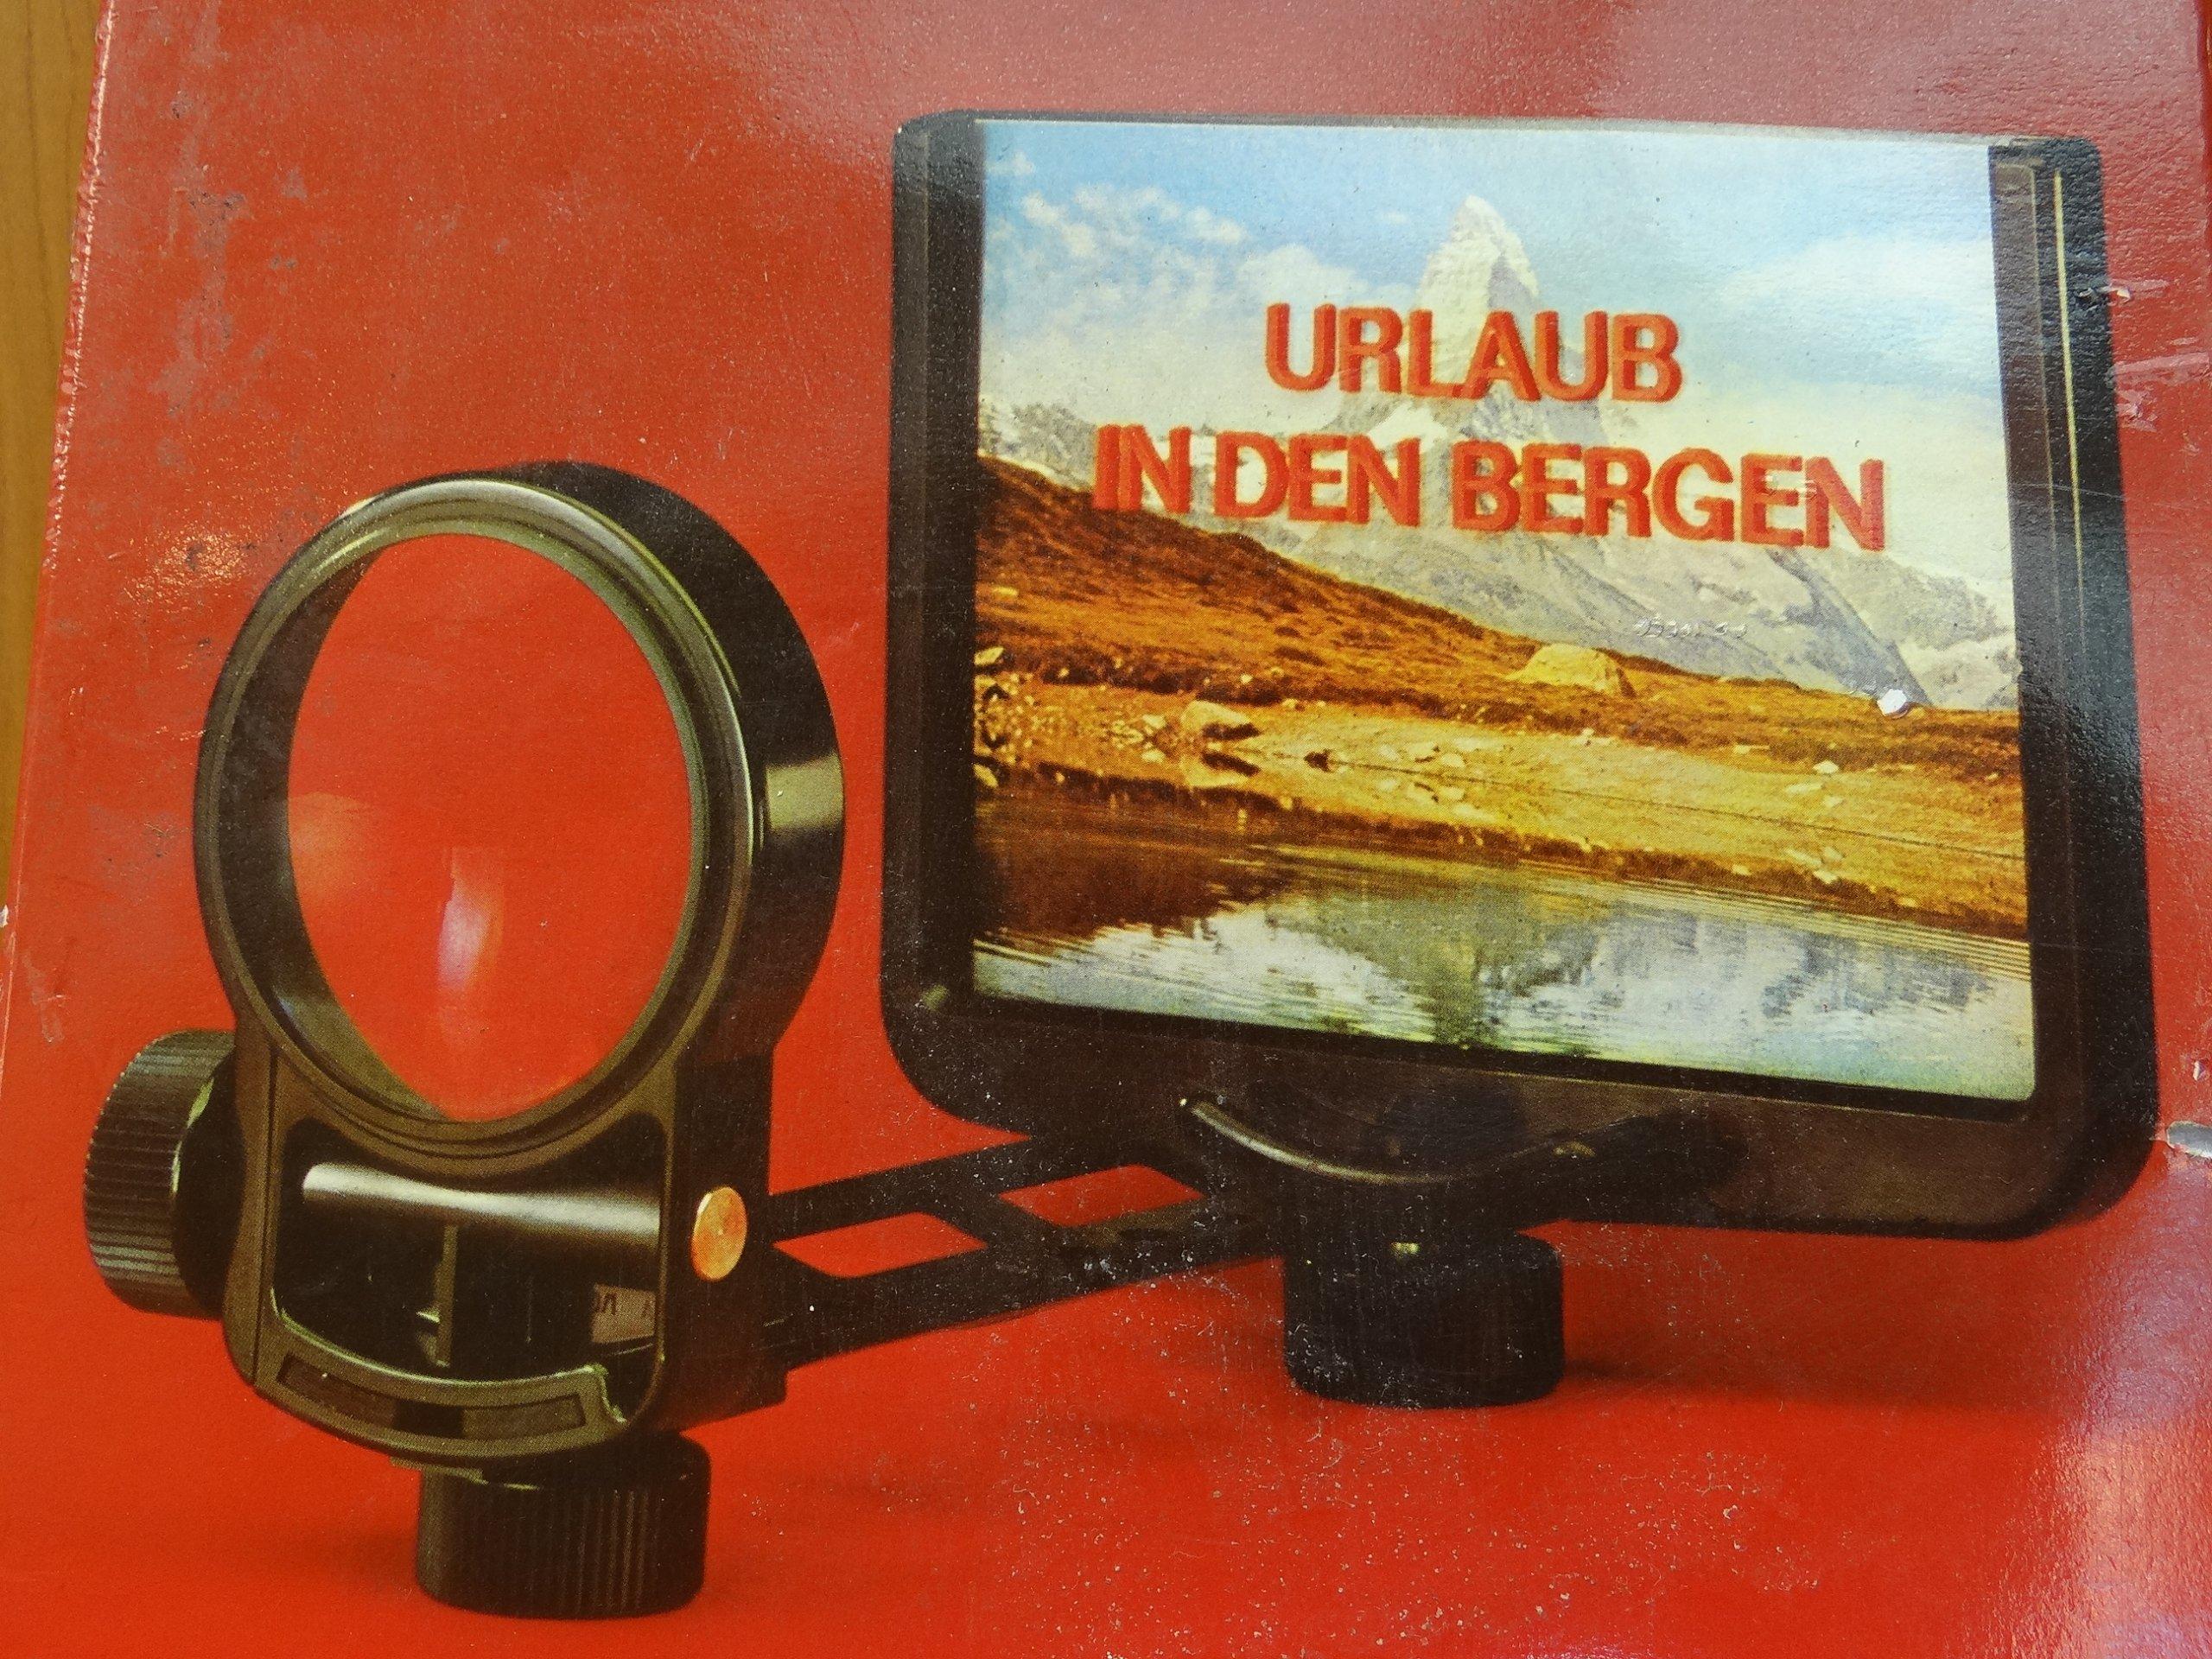 Przyrząd ekran do efektów na zdjęciach lub filmach